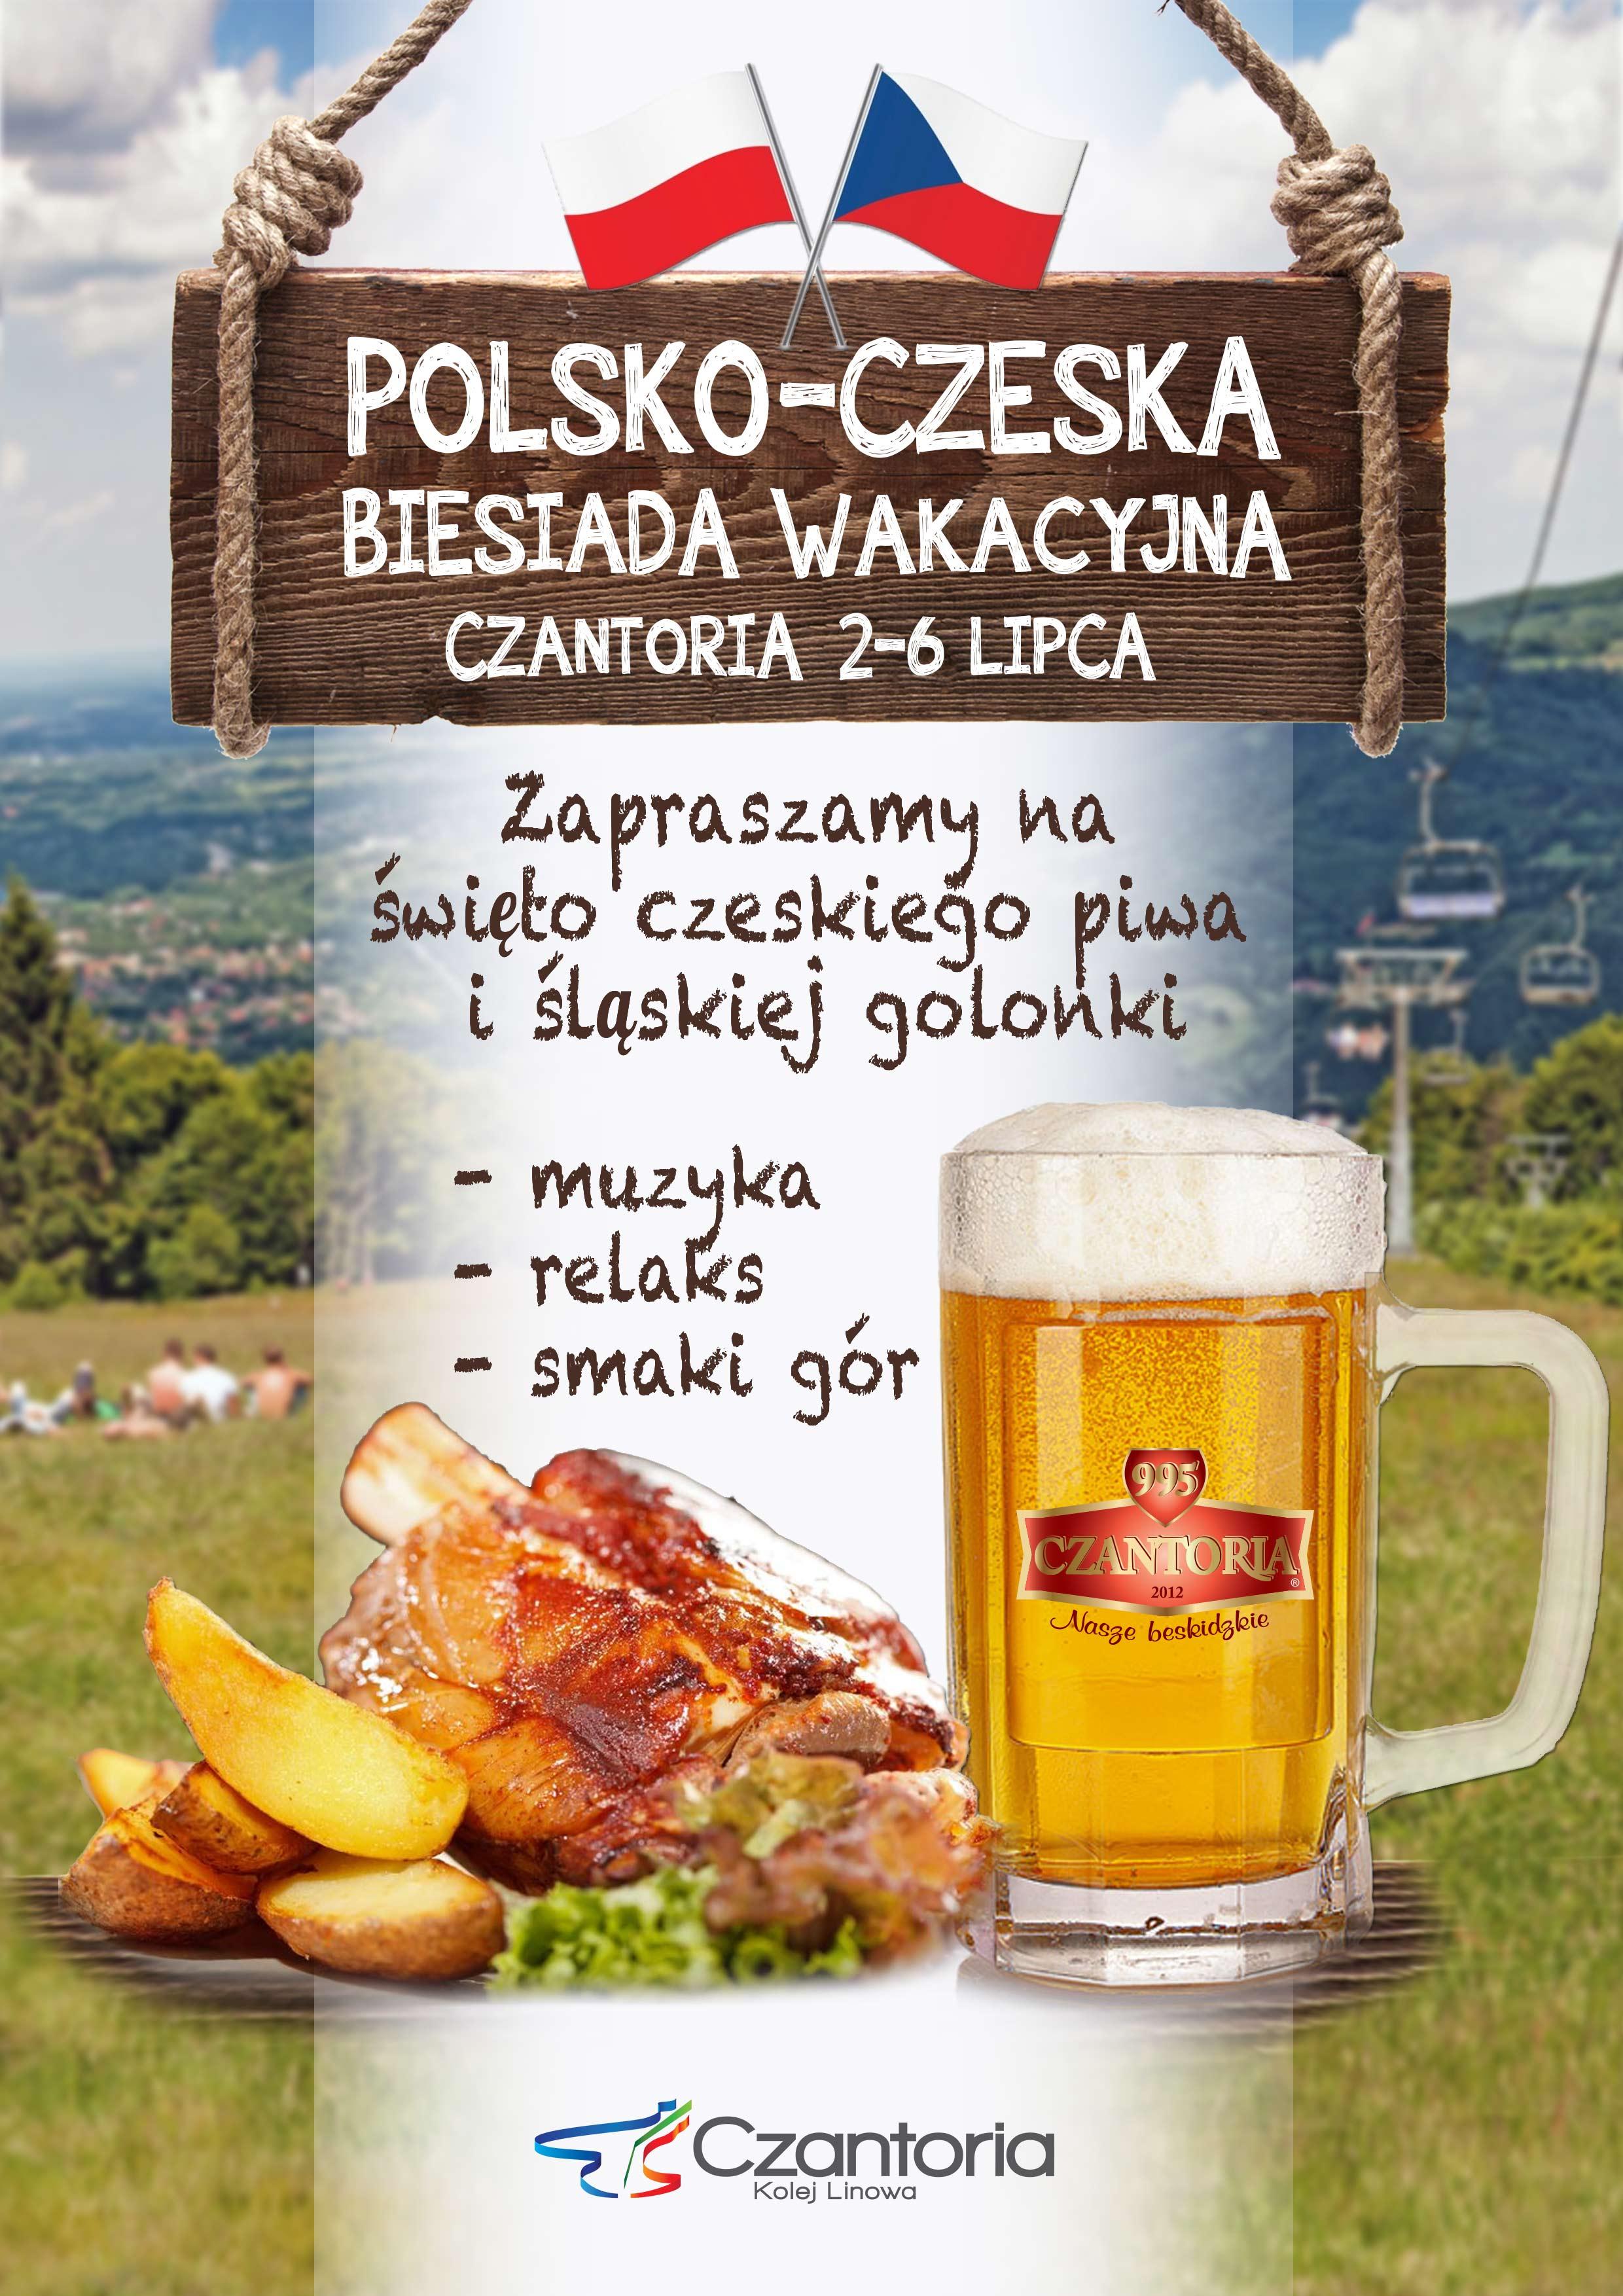 biesiada-polsko-czeska